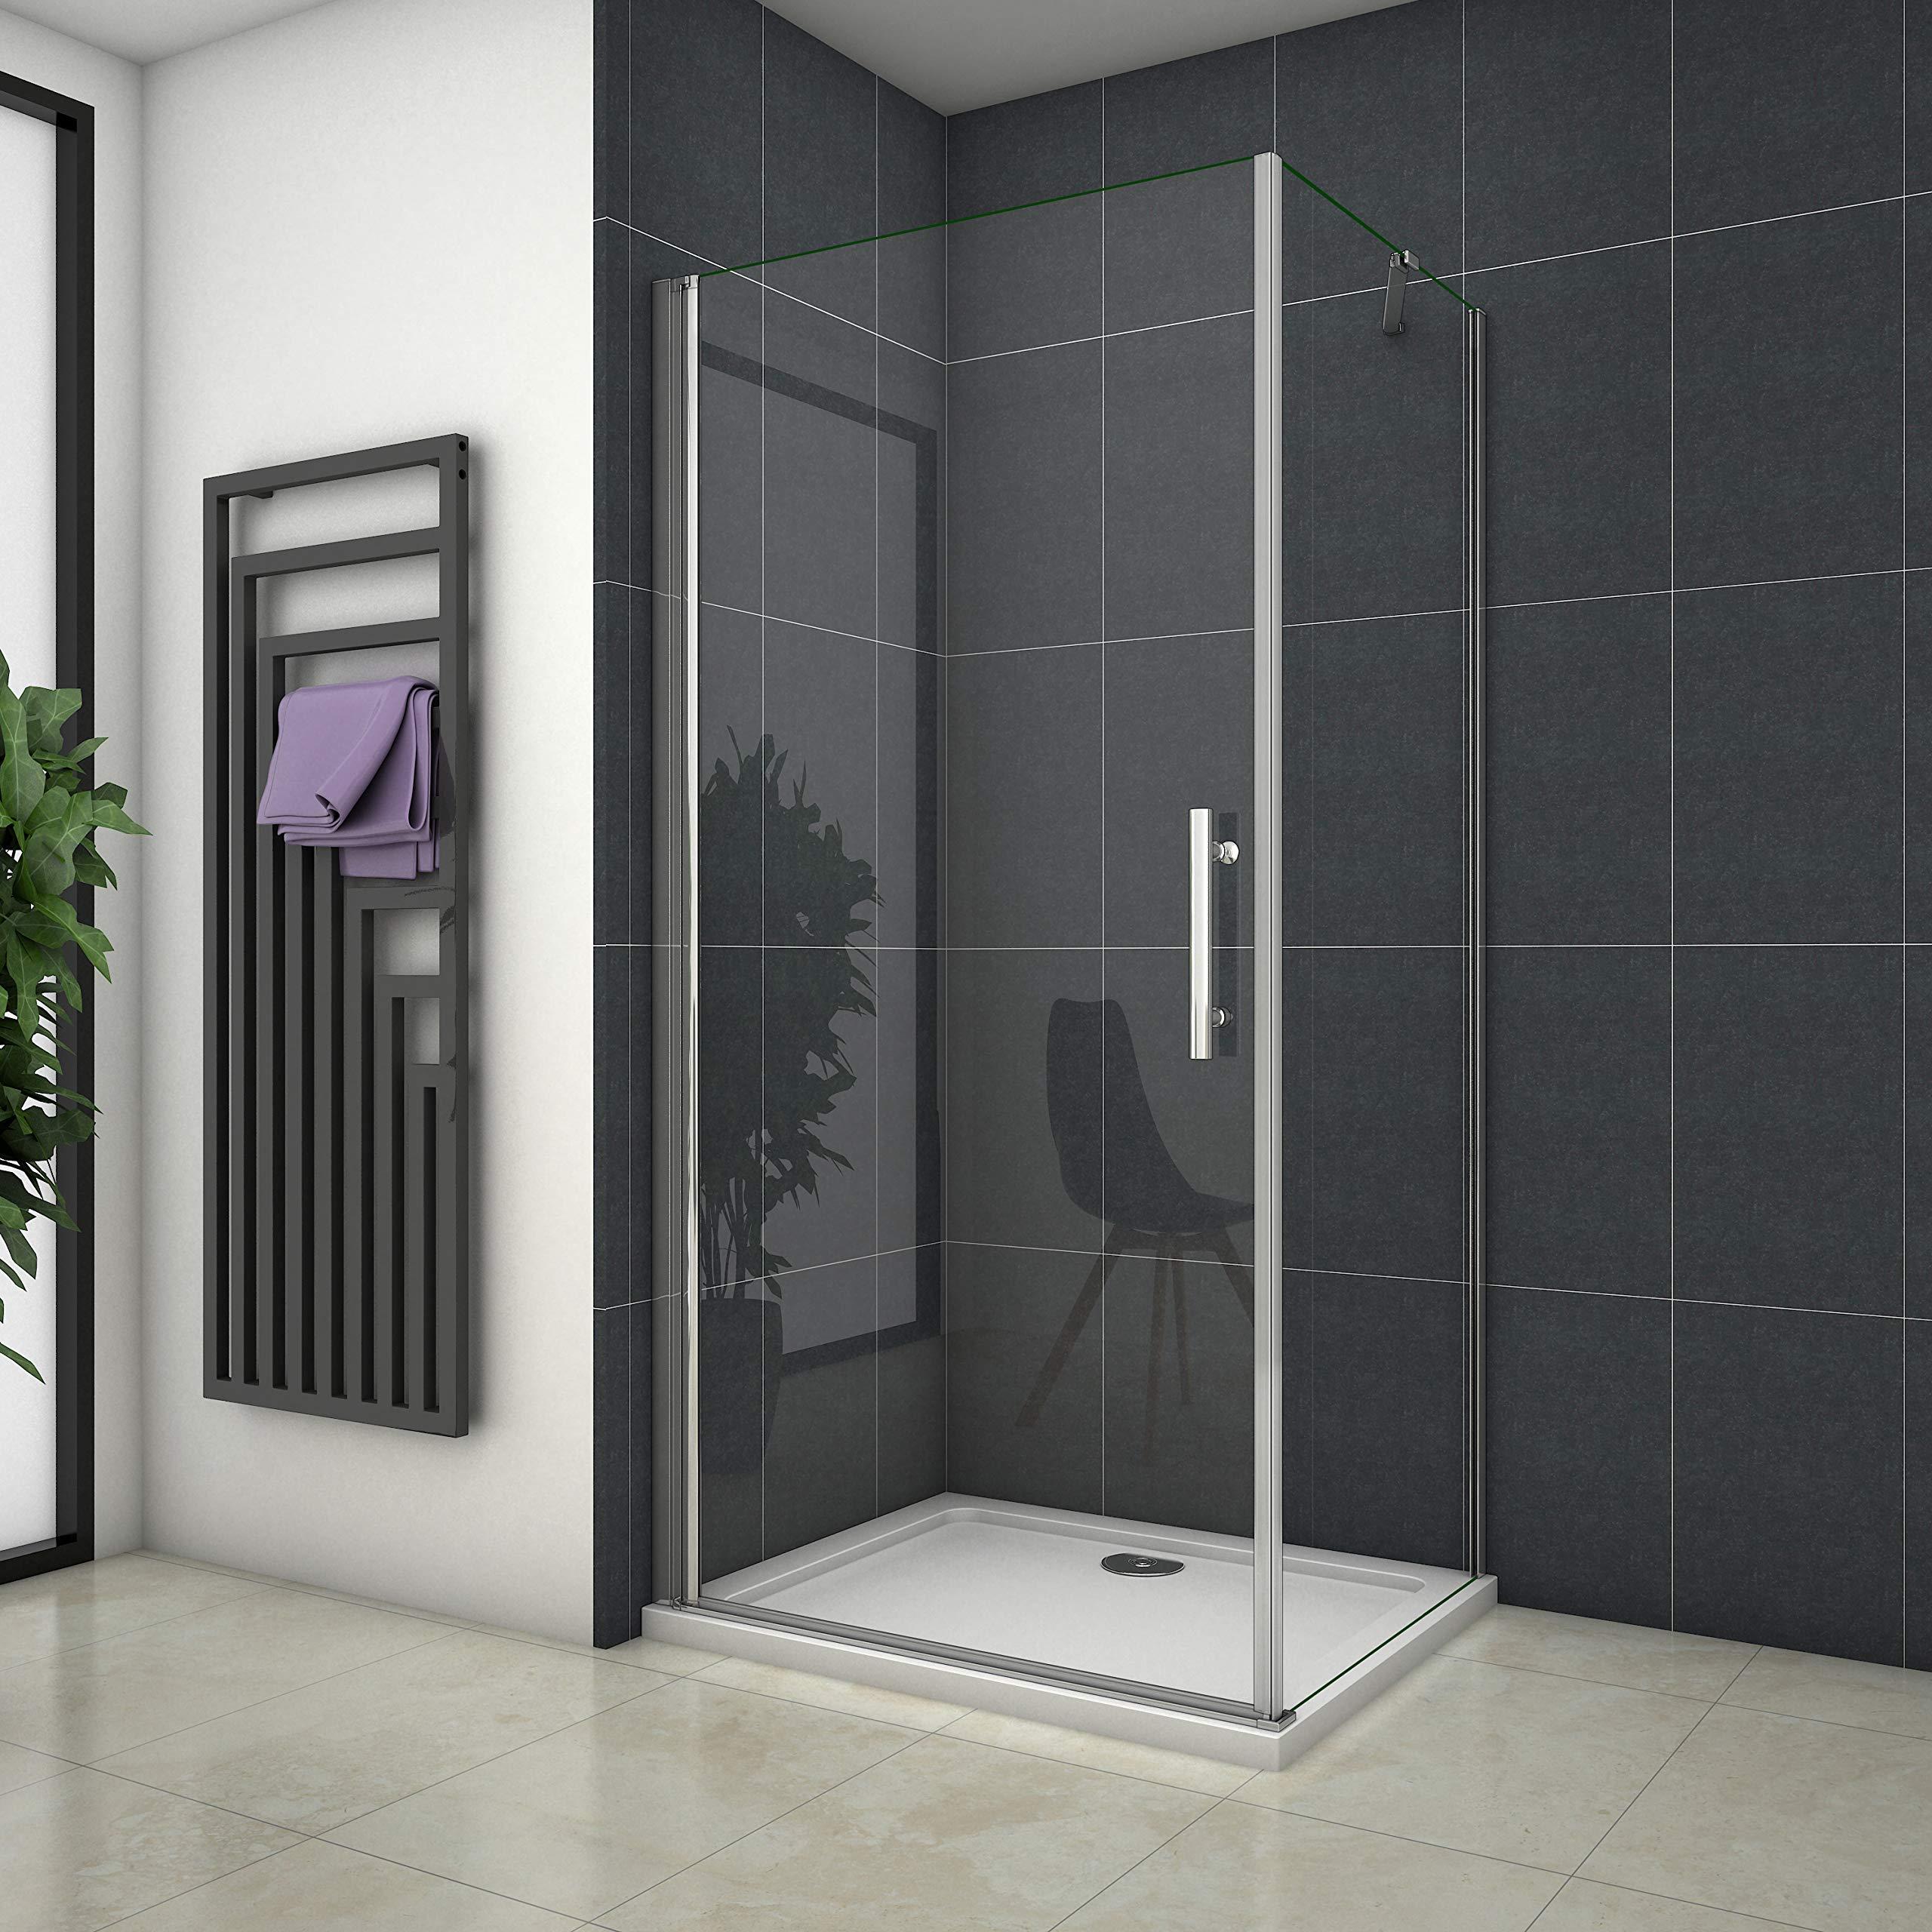 Mampara de ducha esquinera con puerta giratoria: Amazon.es ...